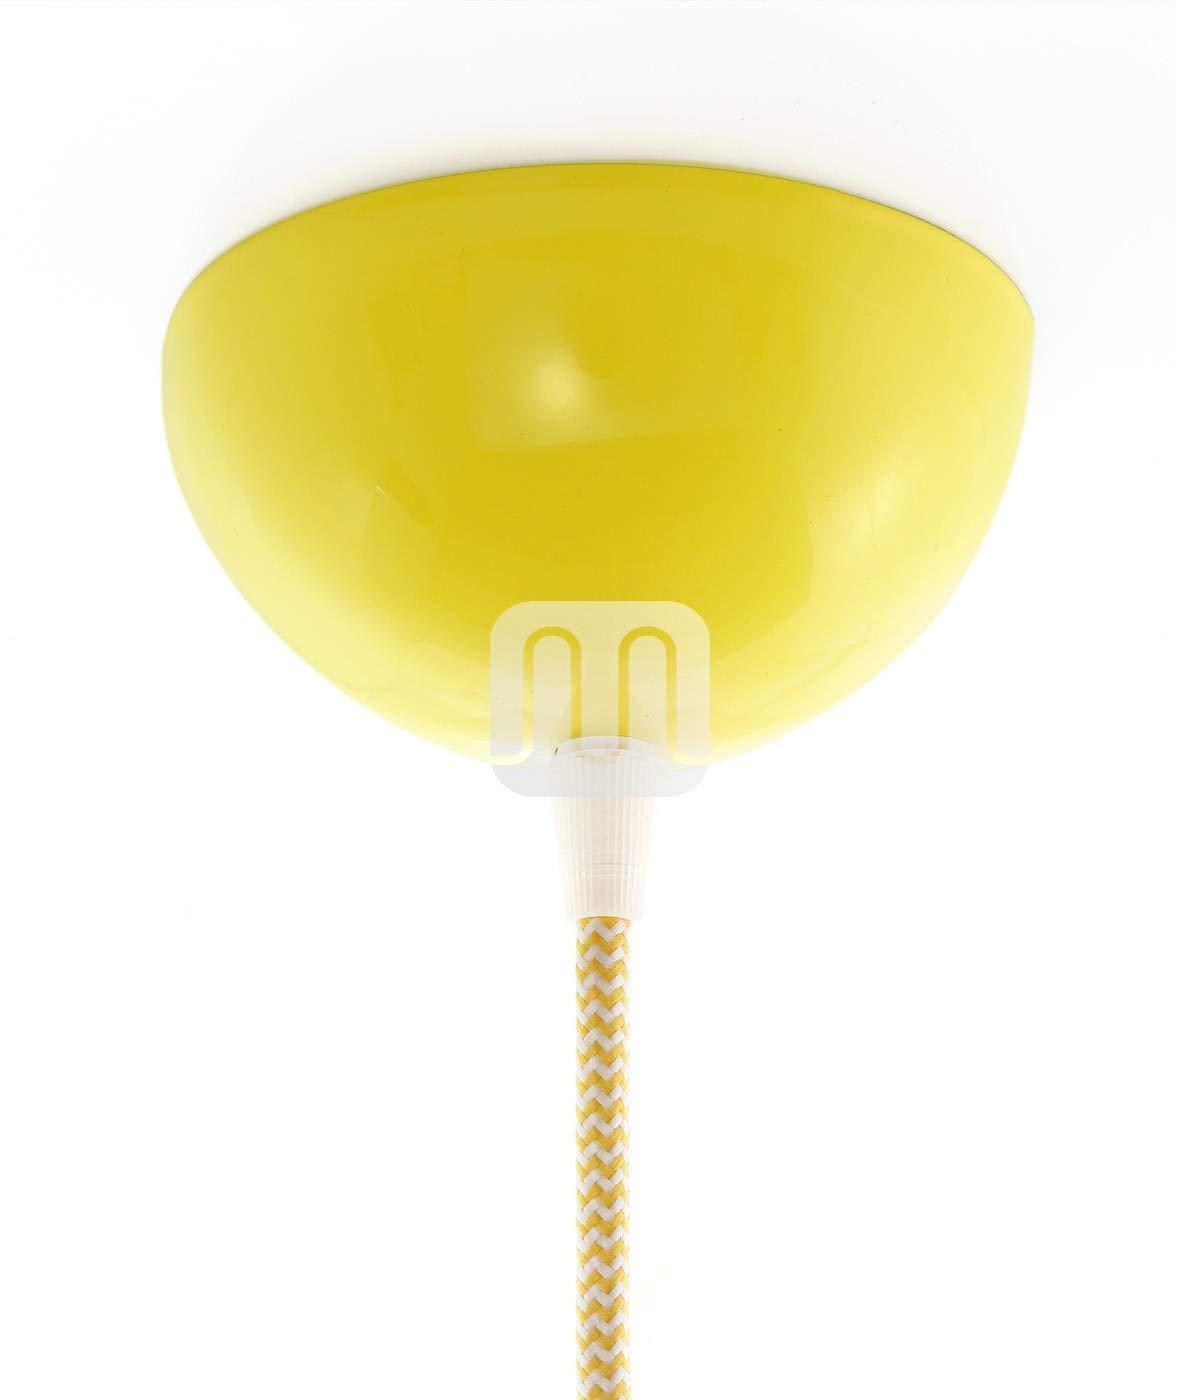 Baldachin | Abzweigdose | Verteilerdose zur Kabelabdeckung Ihrer Deckenlampe | Lampenkappe in gelb Ø 10 cm inkl Zugentlastung | Lampenbaldachin für alle Lampen geeignet Flairlux GmbH